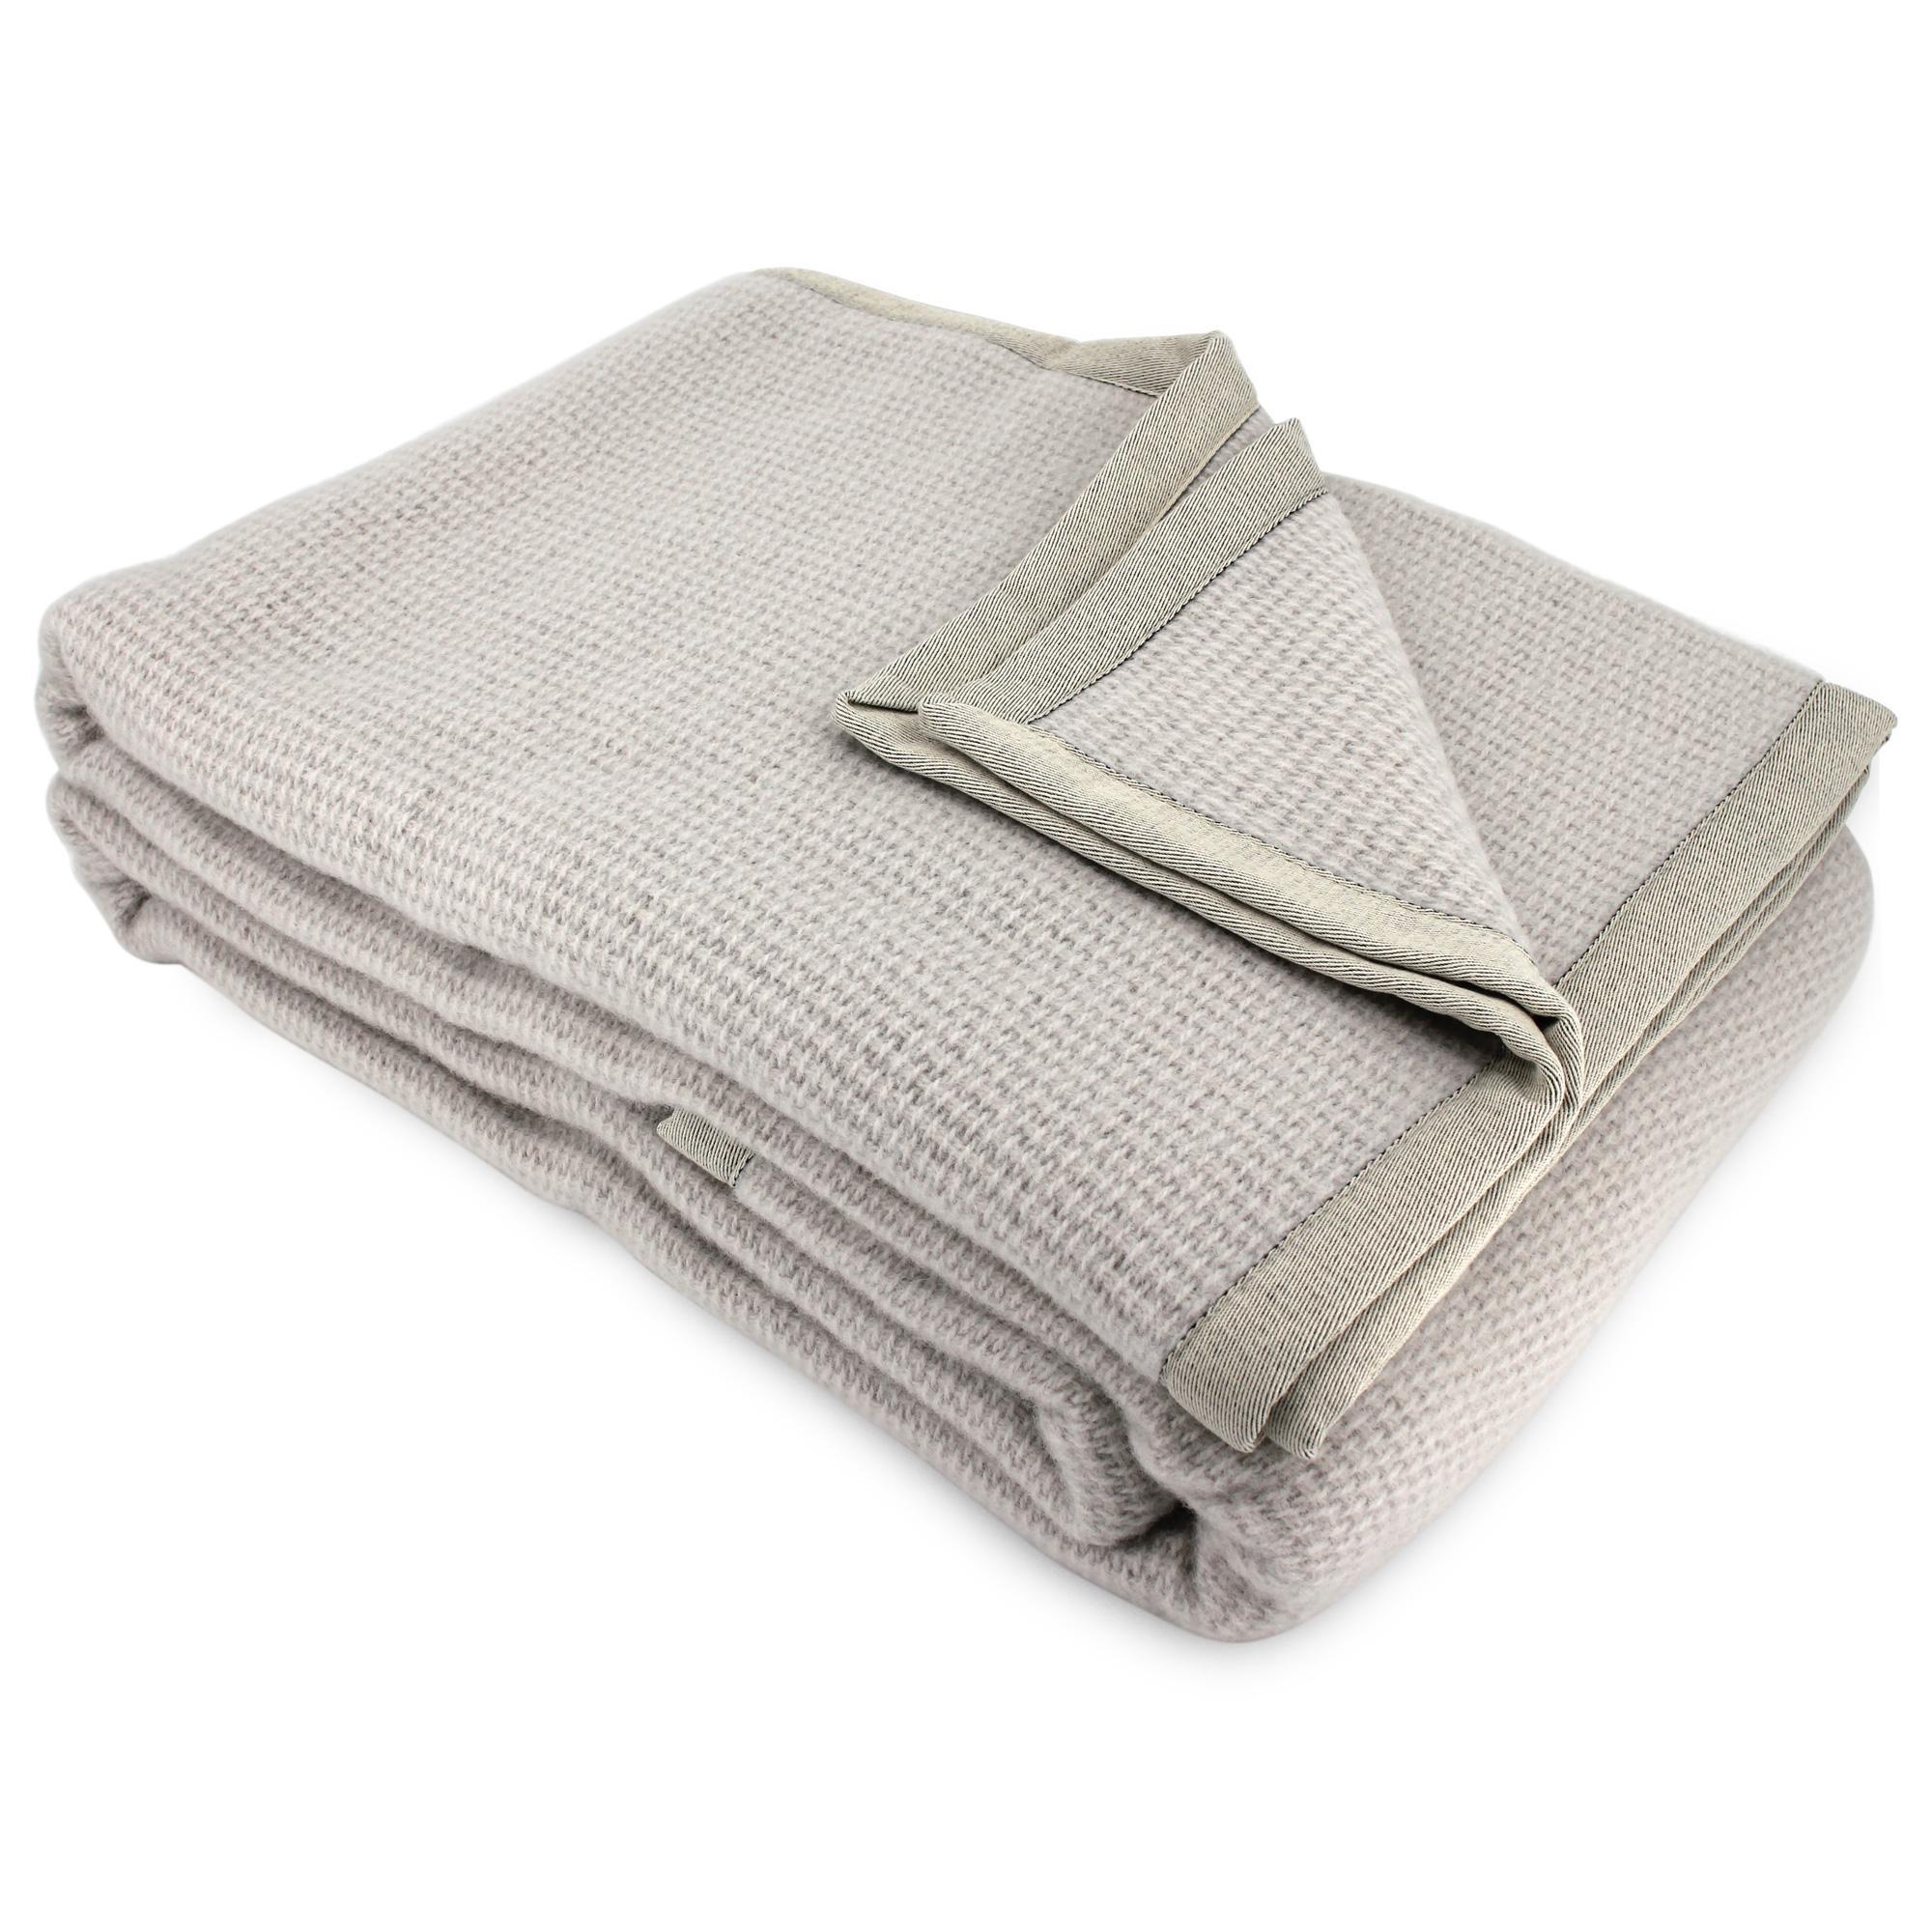 couverture laine lambswool 220x240 cm adelaide galet linnea linge de maison et. Black Bedroom Furniture Sets. Home Design Ideas